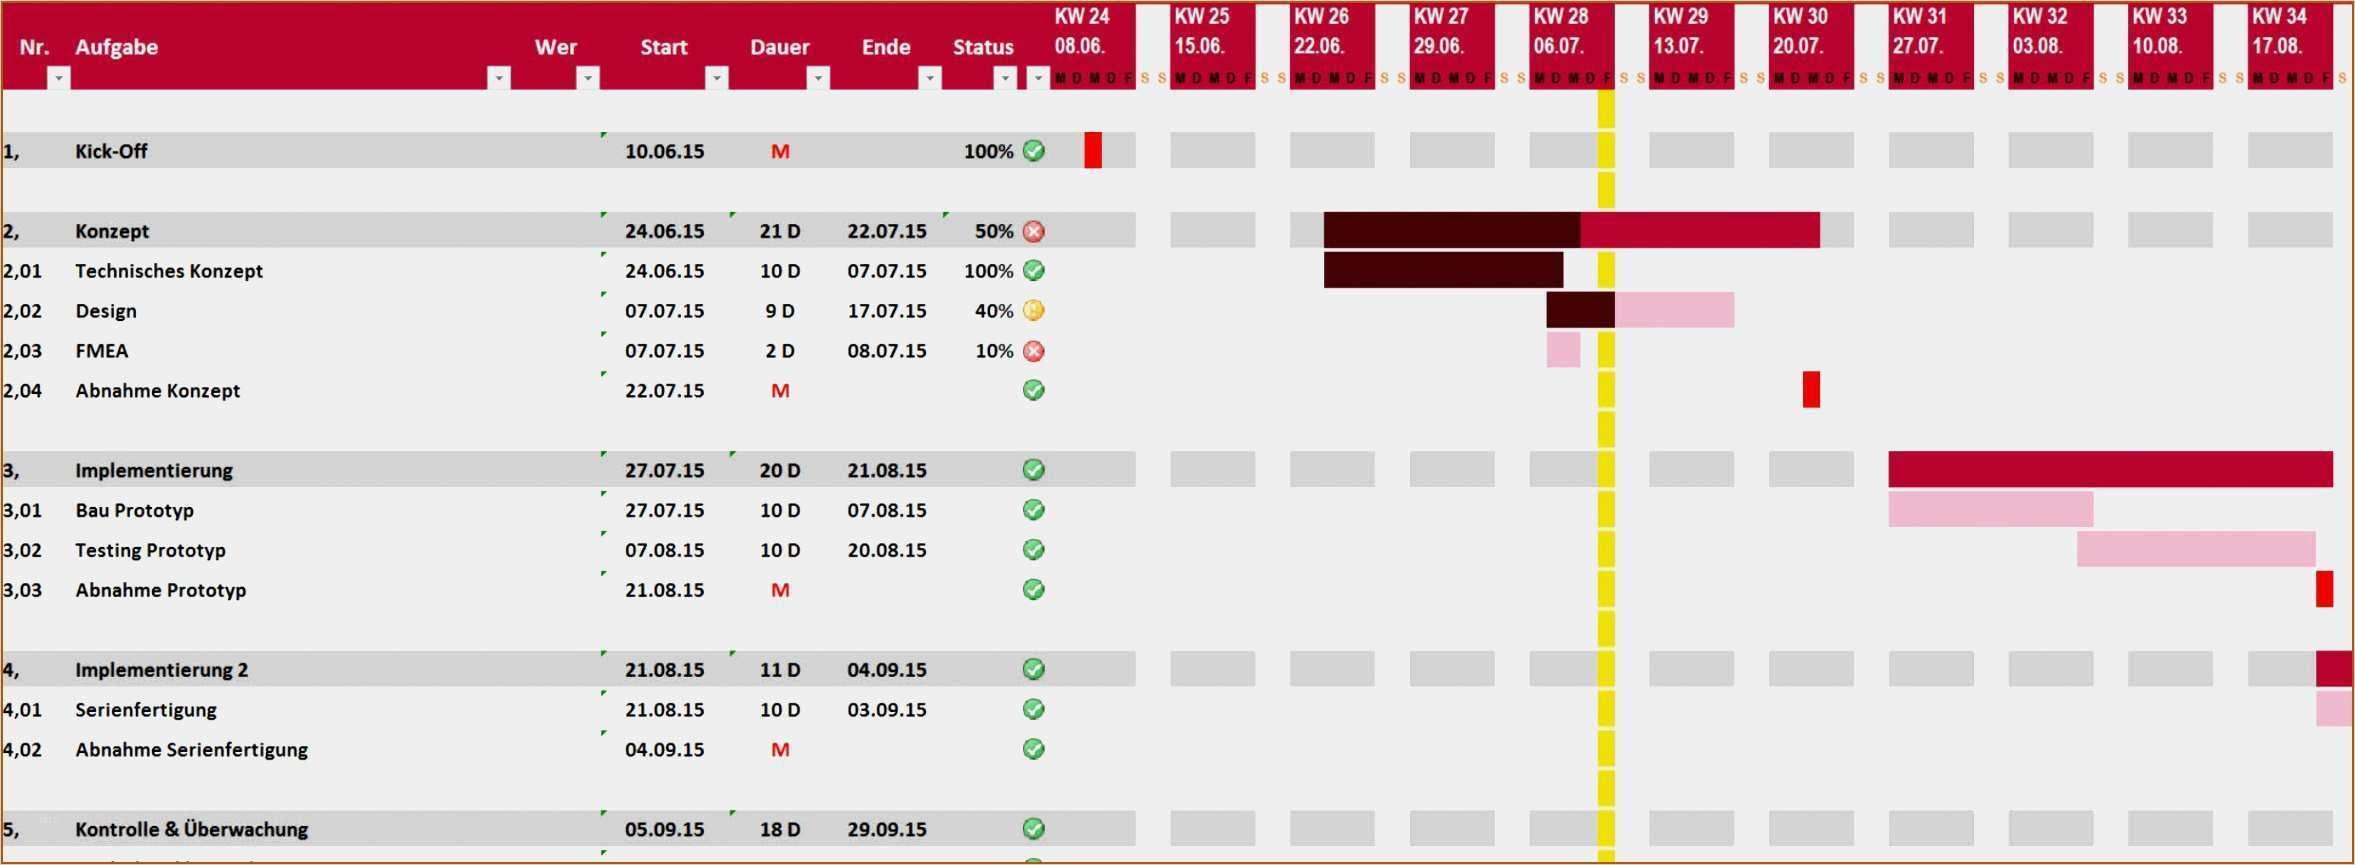 37 Suss Vereinsbuchhaltung Excel Vorlage Kostenlos Bilder In 2020 Excel Vorlage Briefkopf Vorlage Buchhaltung